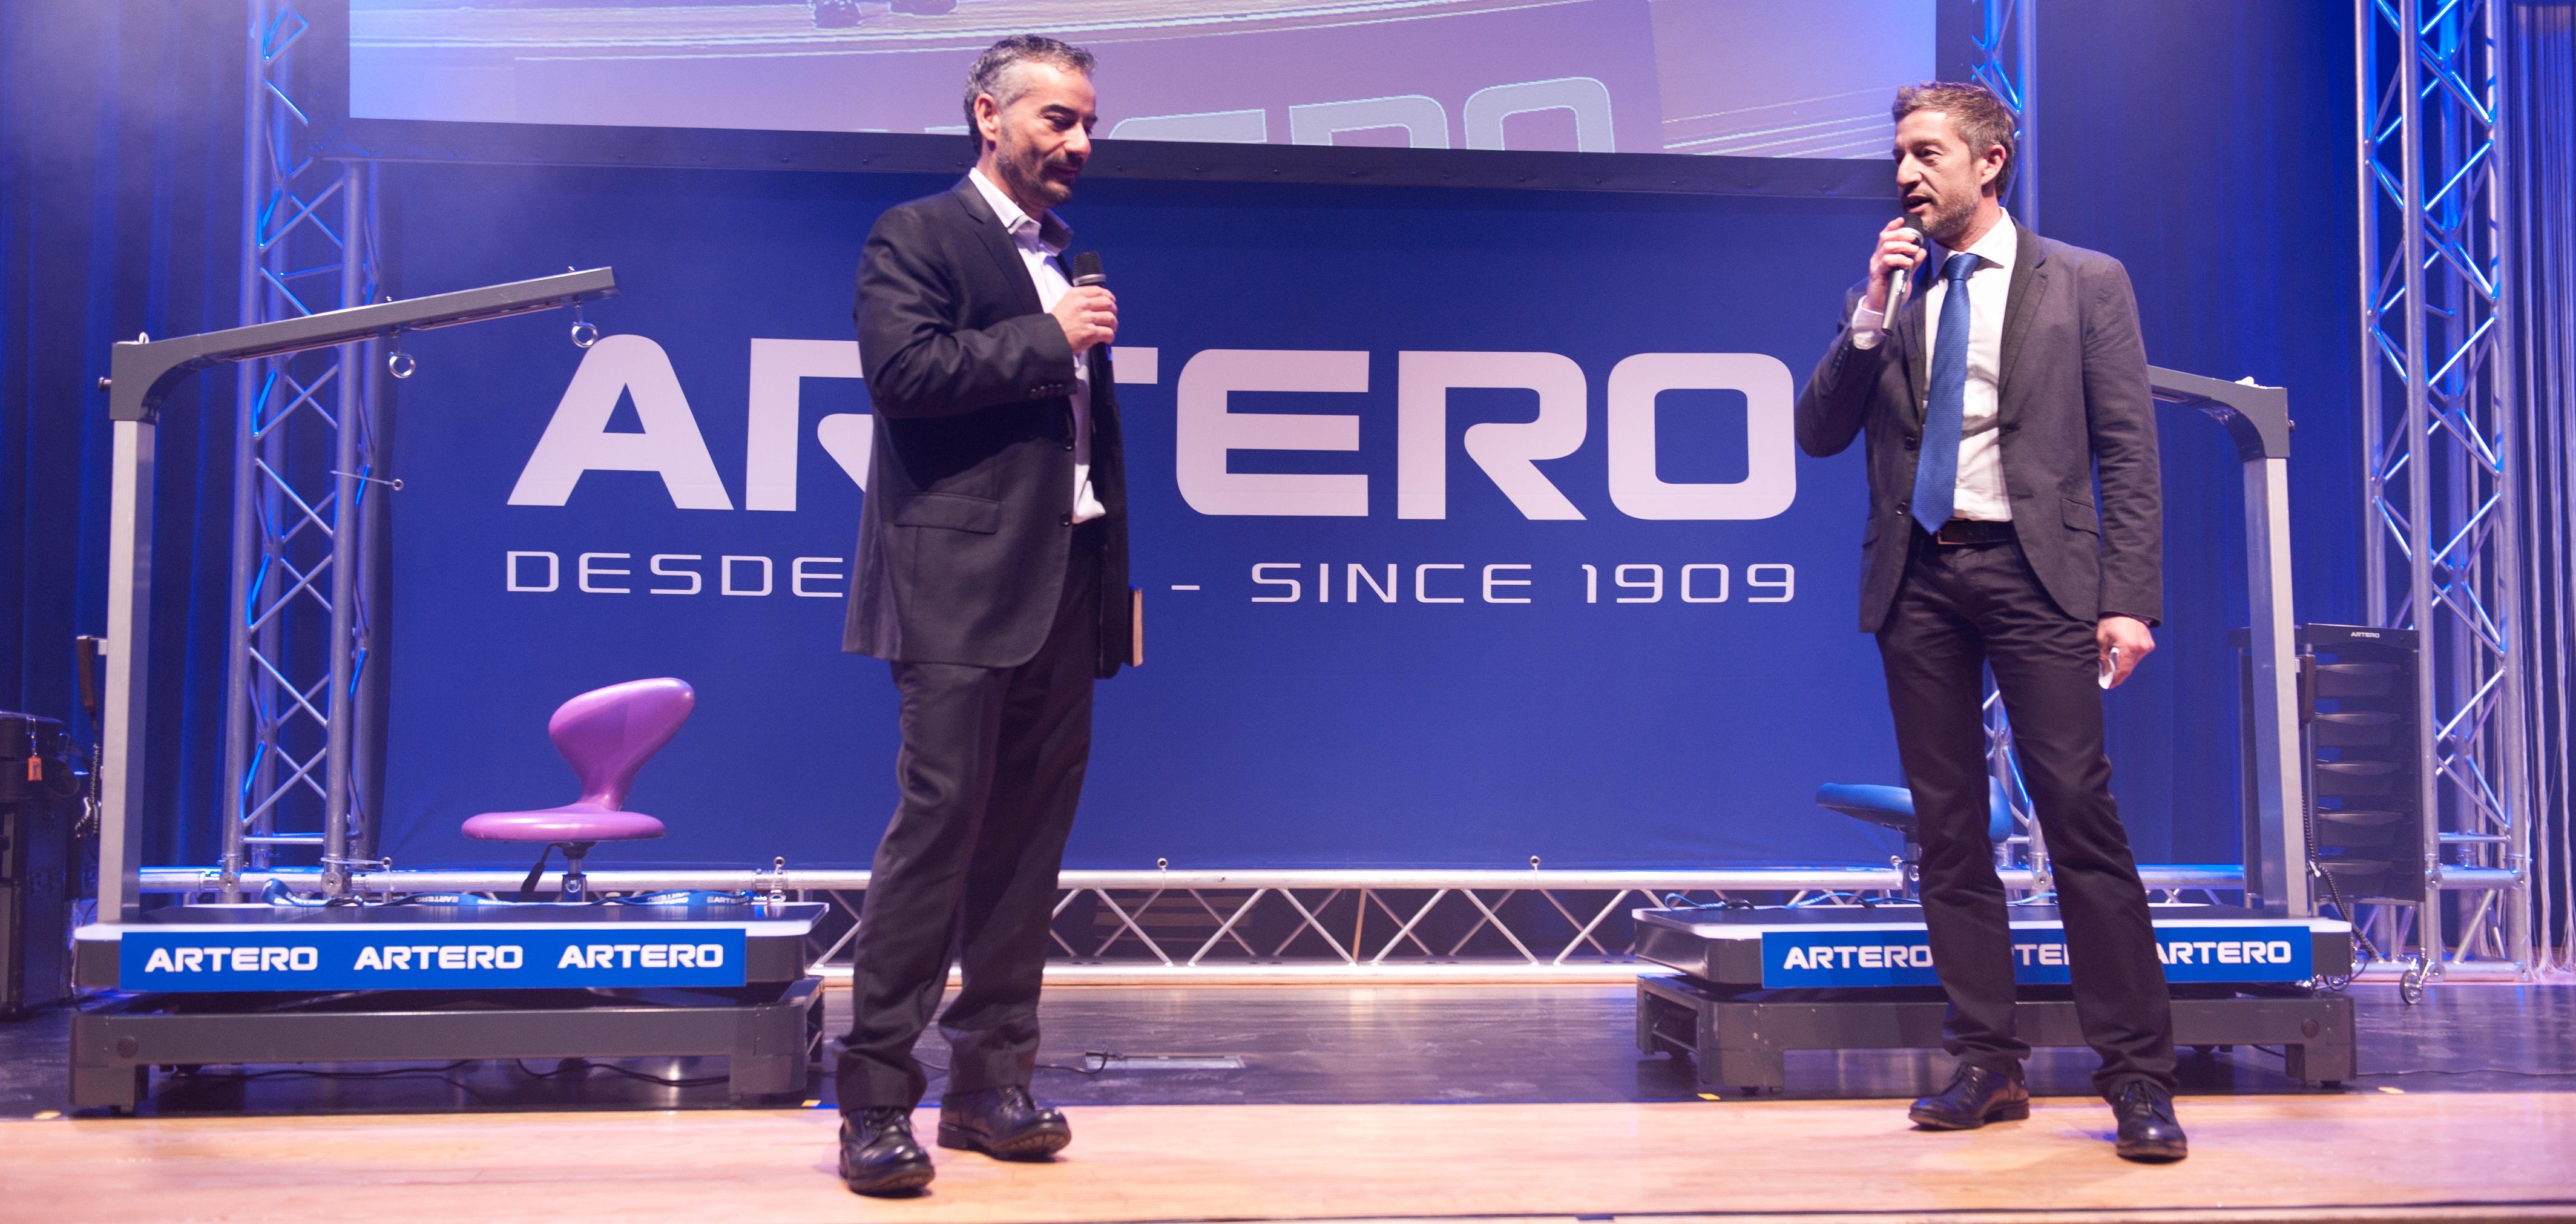 Alex Artero, Eduardo Artero